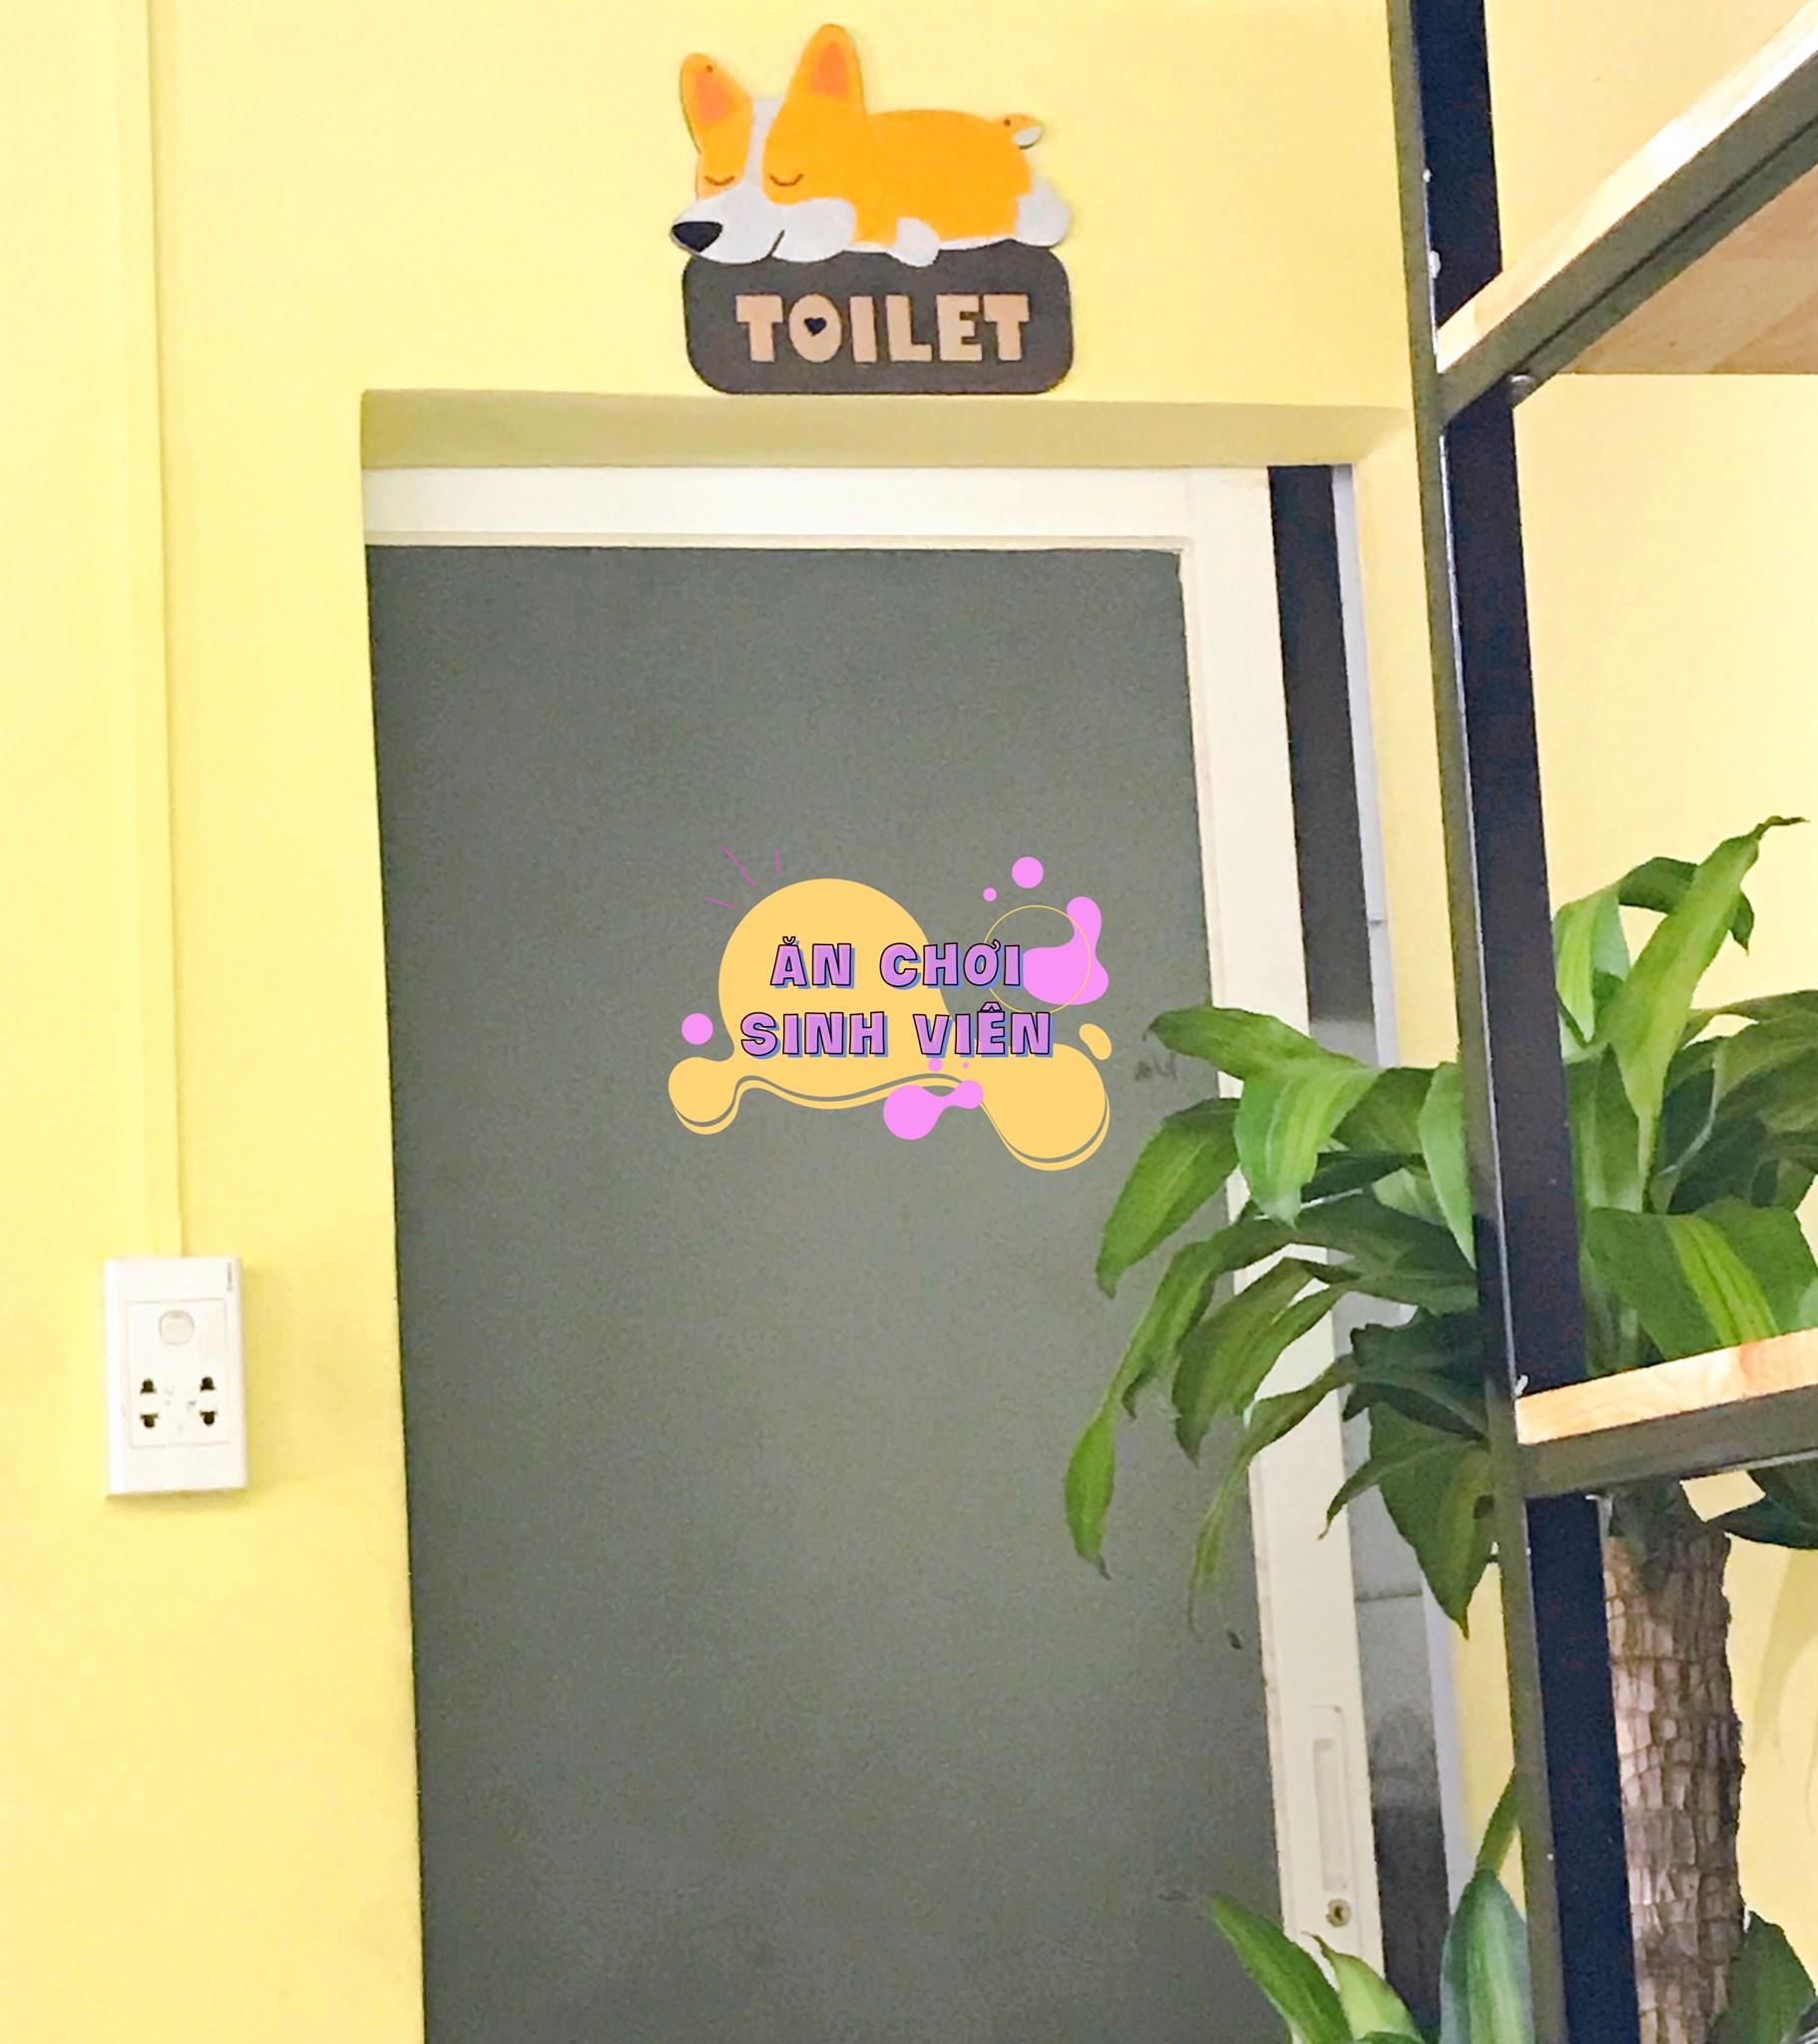 sofa làng đại học toilet đáng yêu chưa